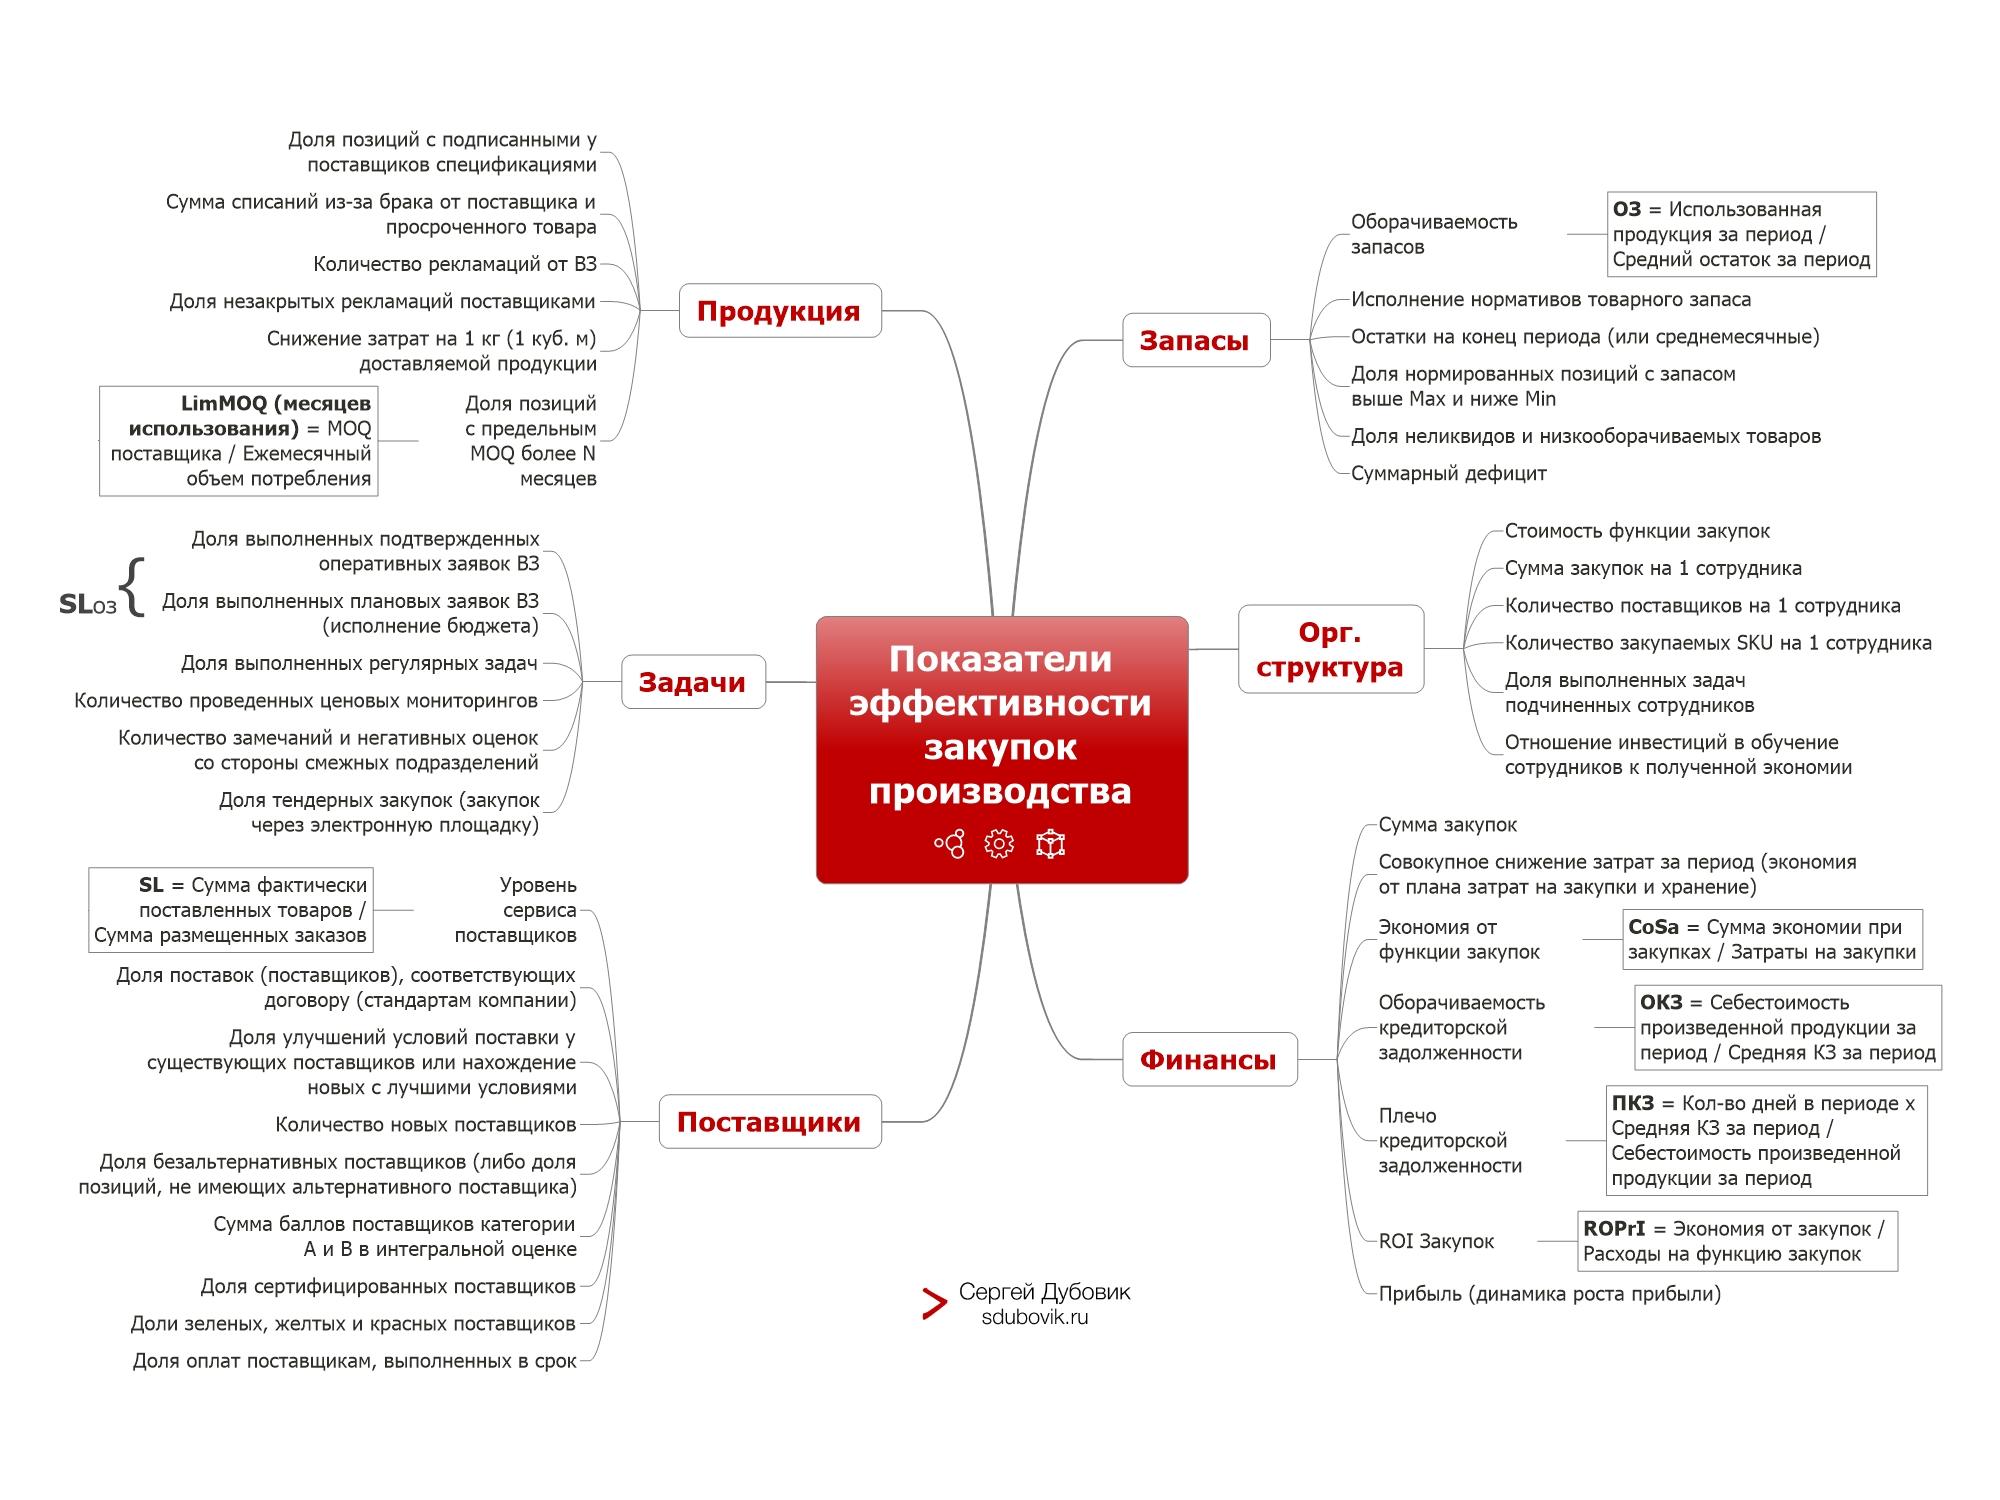 Показатели эффективности отдела закупок. Интеллект-карта